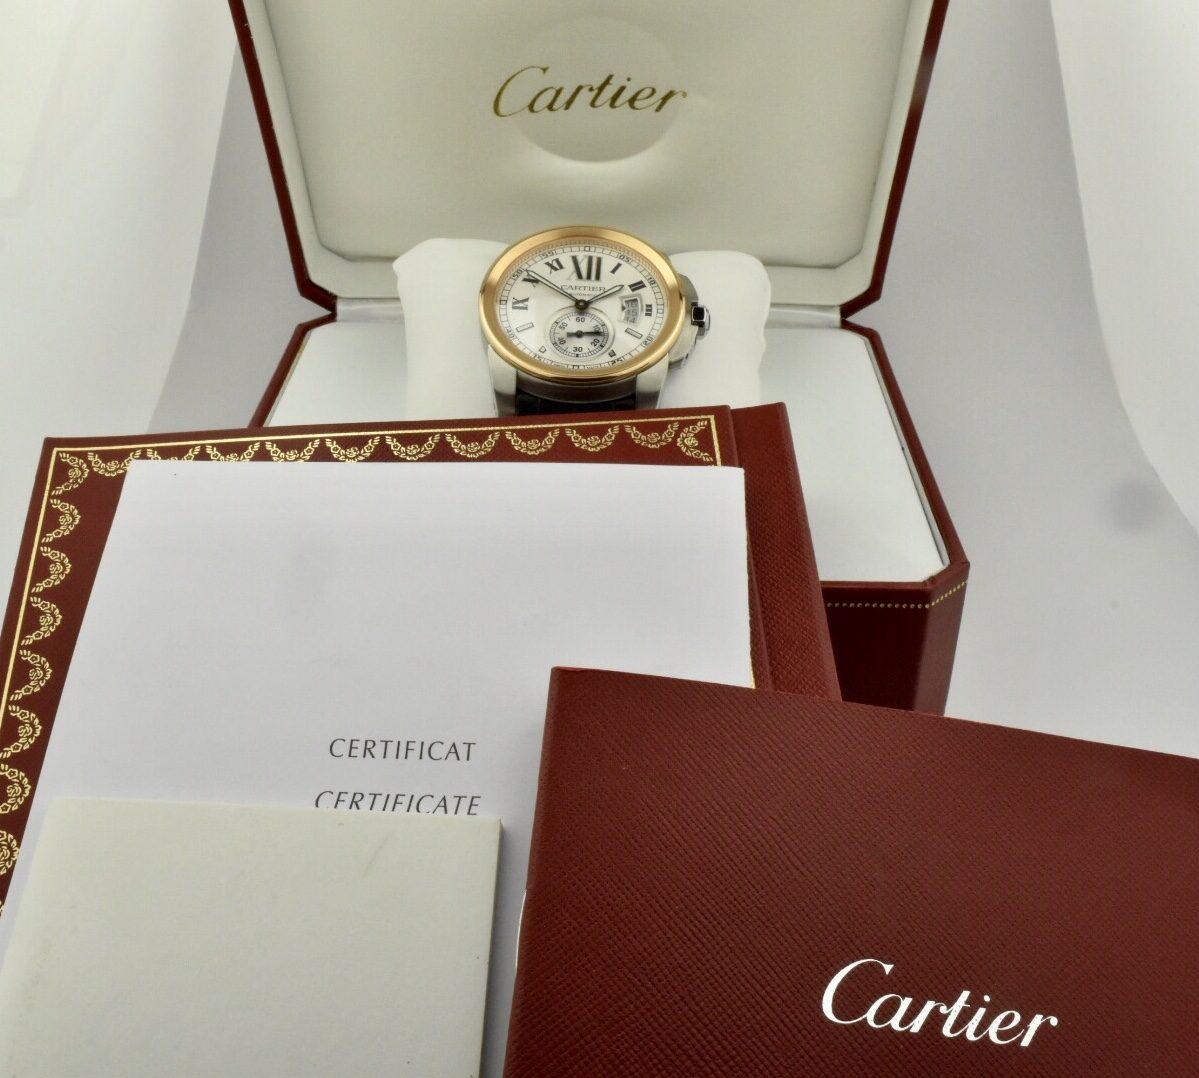 IMG 7606 - Cartier Calibre de Cartier